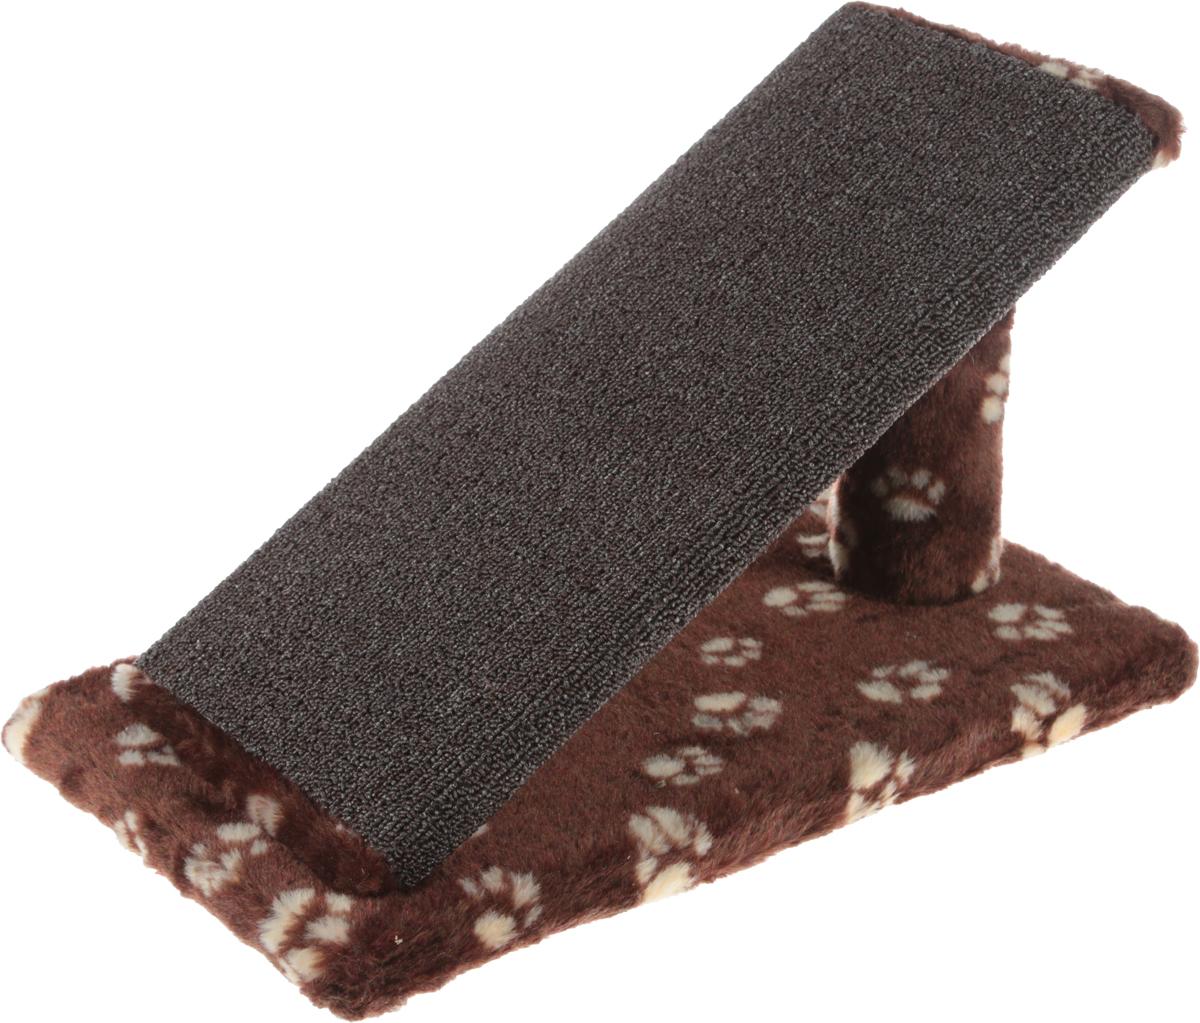 Когтеточка для котят Меридиан Горка, цвет: коричневый, белый, 45 х 25 х 25 см цена